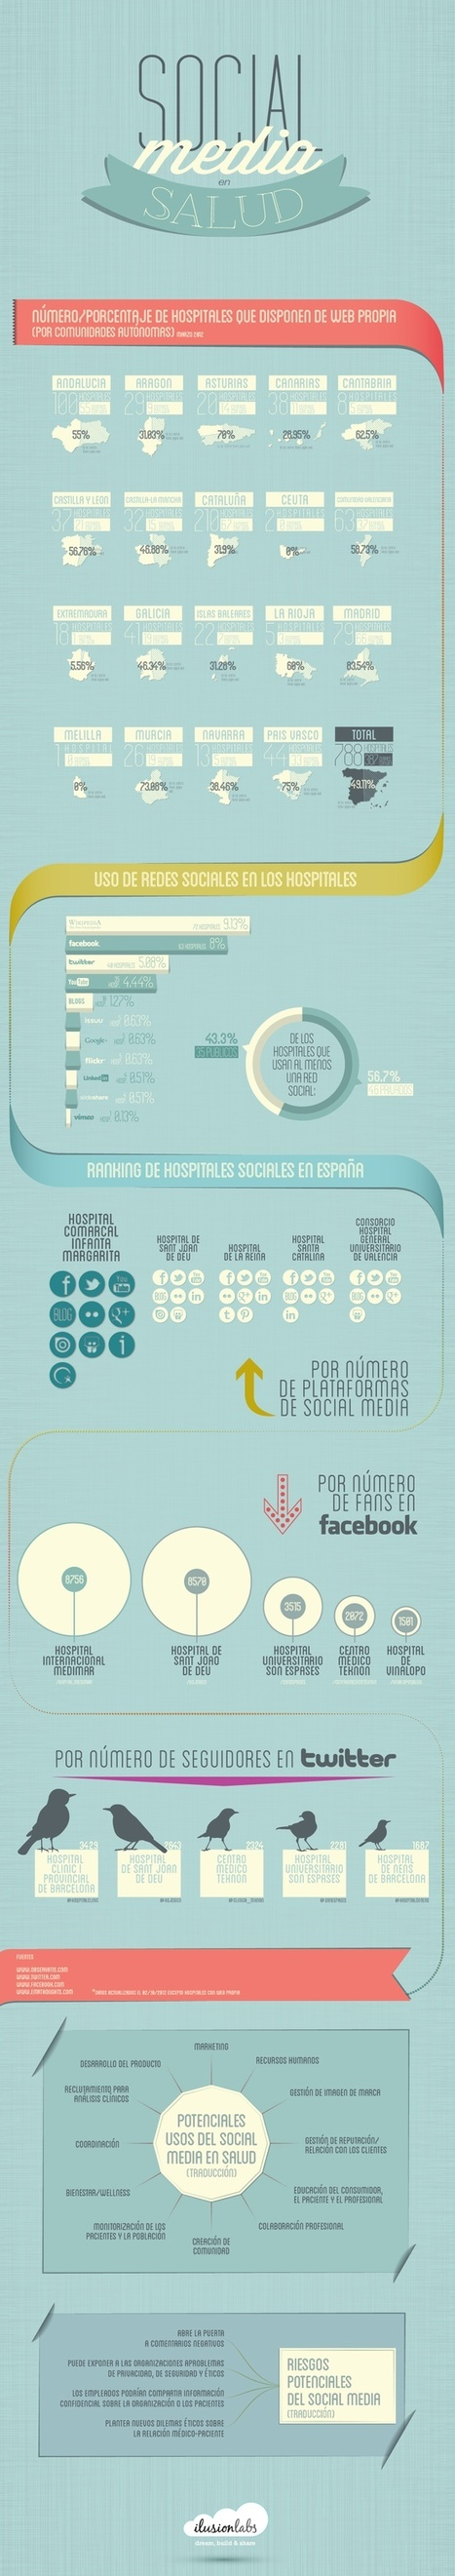 INFOGRAFIA: utilización de redes sociales en hospitales en España | eSalud Social Media | Scoop.it